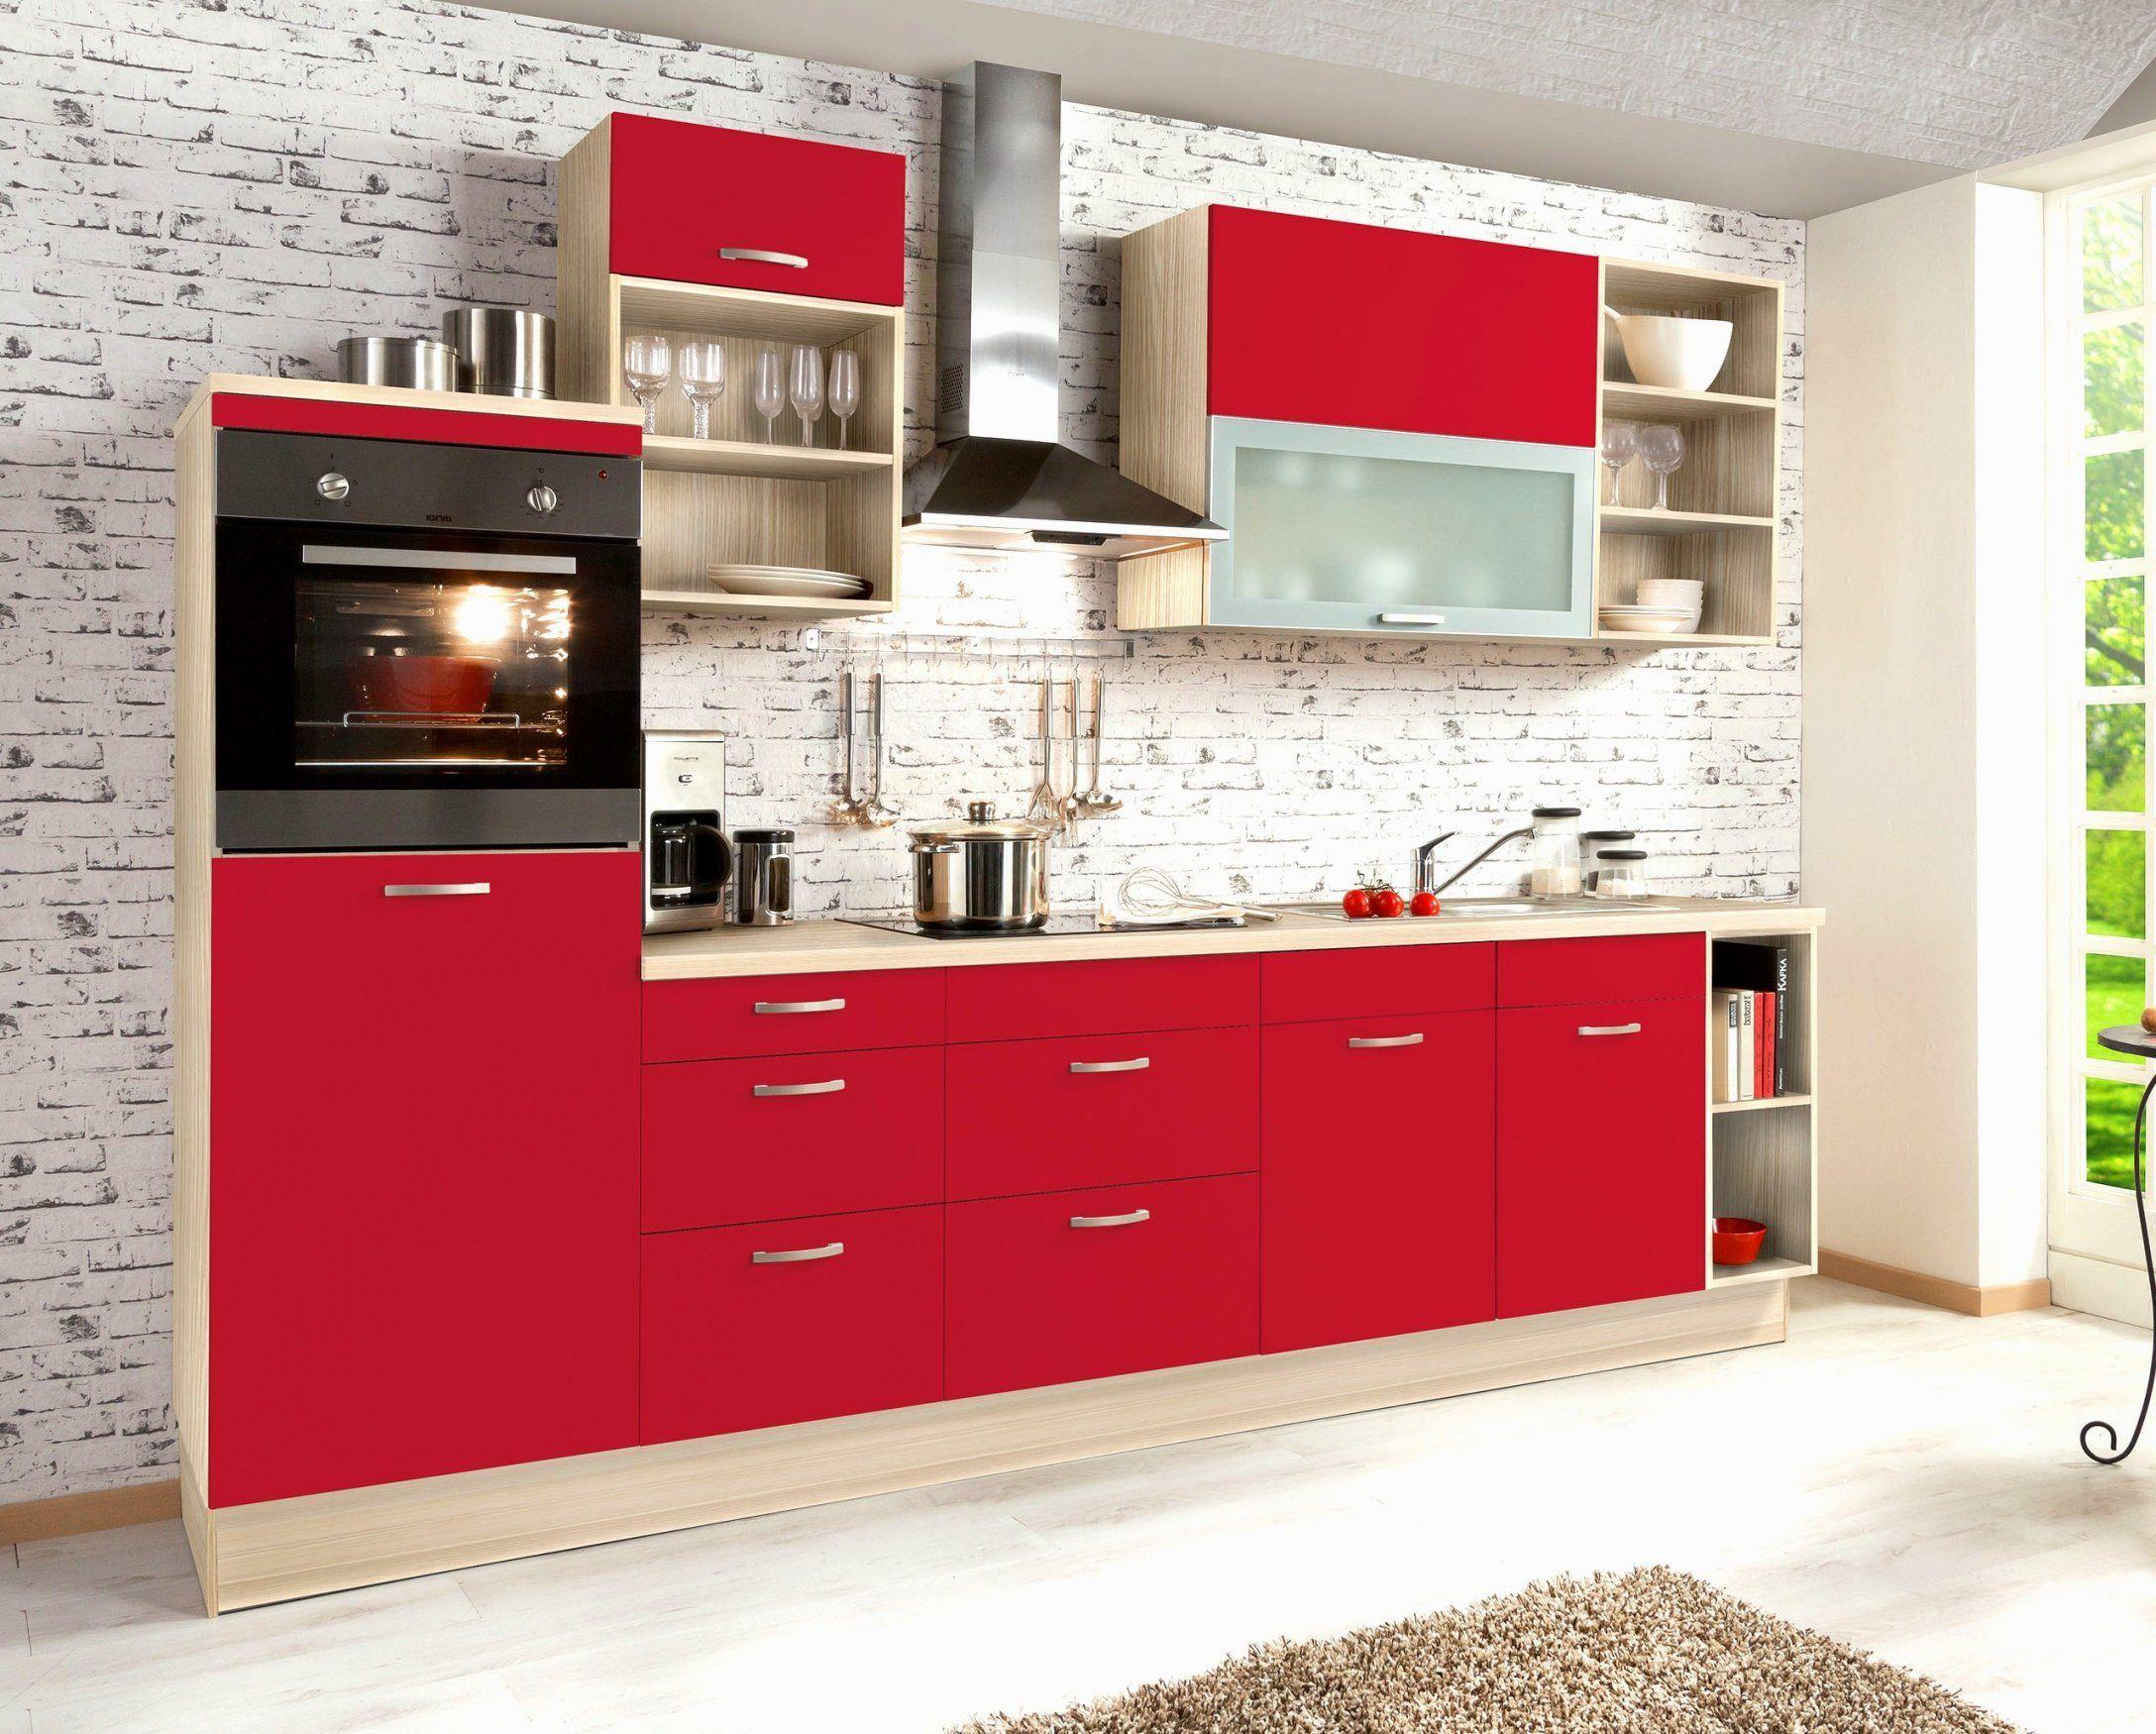 Gunstige Einbaukuchen Mit Elektrogeraten Schon Awesome Kuche Von Einbaukuchen Mit Elektrogeraten Ikea Photo In 2020 Kitchen Interior Home Decor